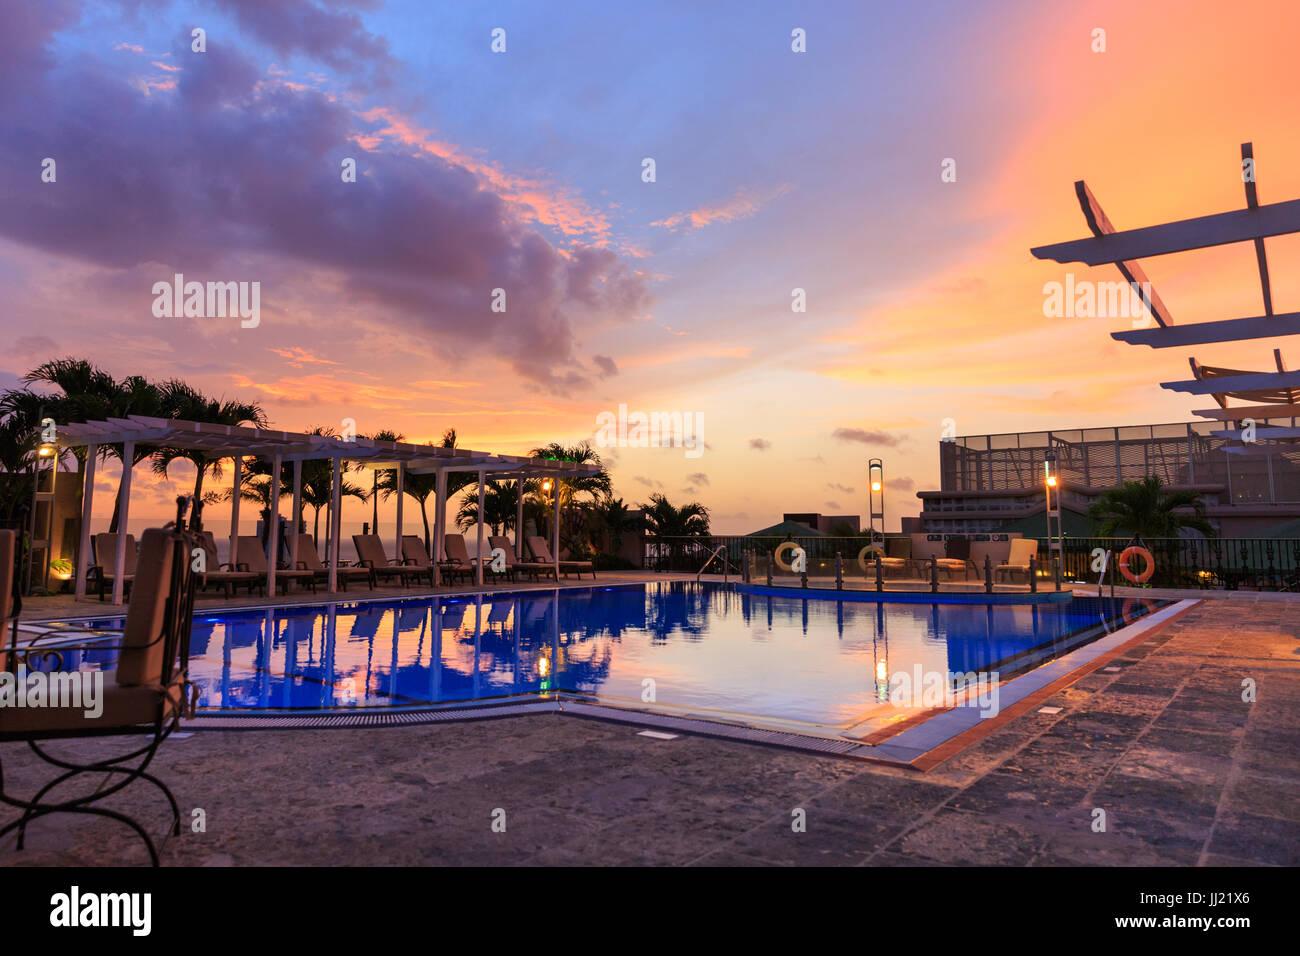 Il tramonto dalla piscina sul tetto dell'Hotel Parque Central a l'Avana, Cuba Immagini Stock